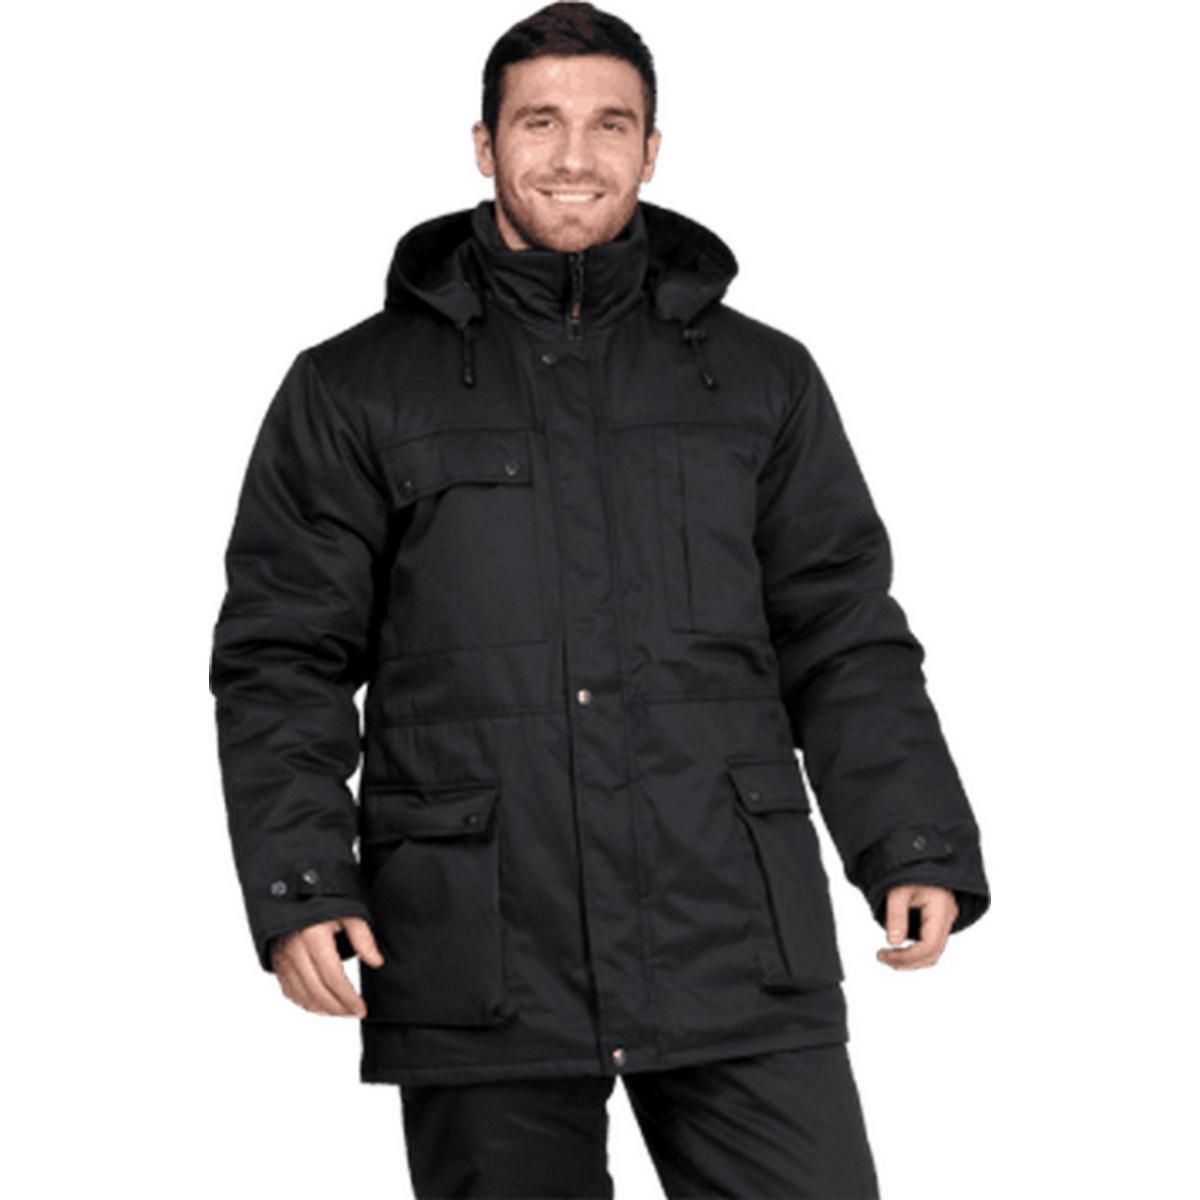 Куртка ЗАЩИТА утепленная черная (разм. 104-108 рост 158-164)